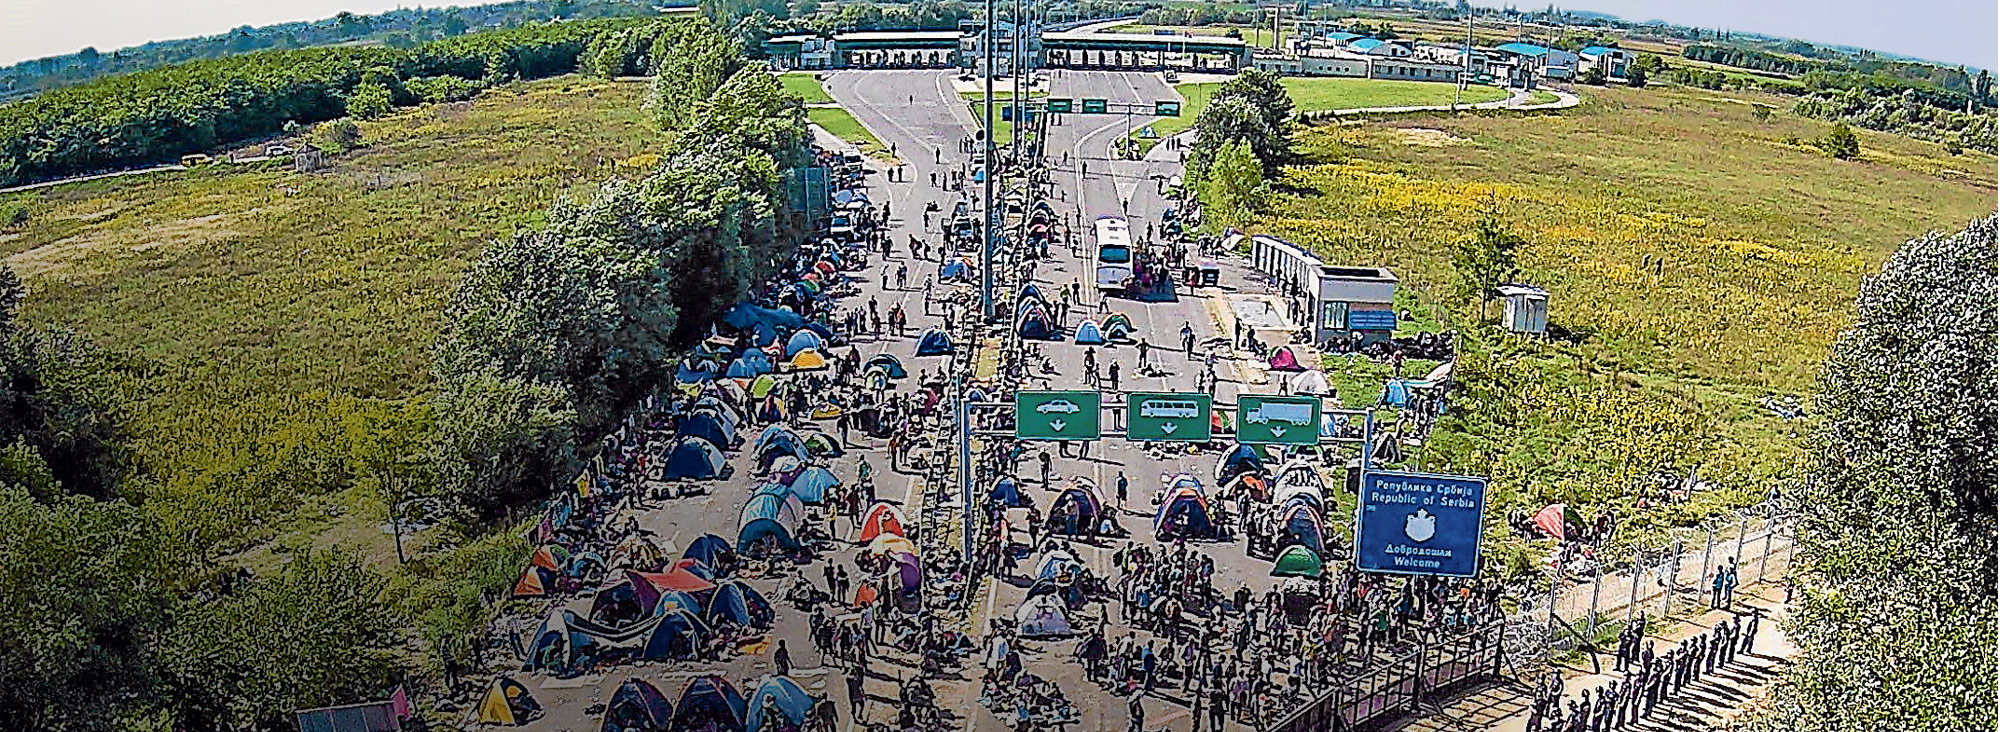 Una vista aérea, captada el 16 de septiembre, muestra a migrantes acampando en la frontera serbio-húngara.